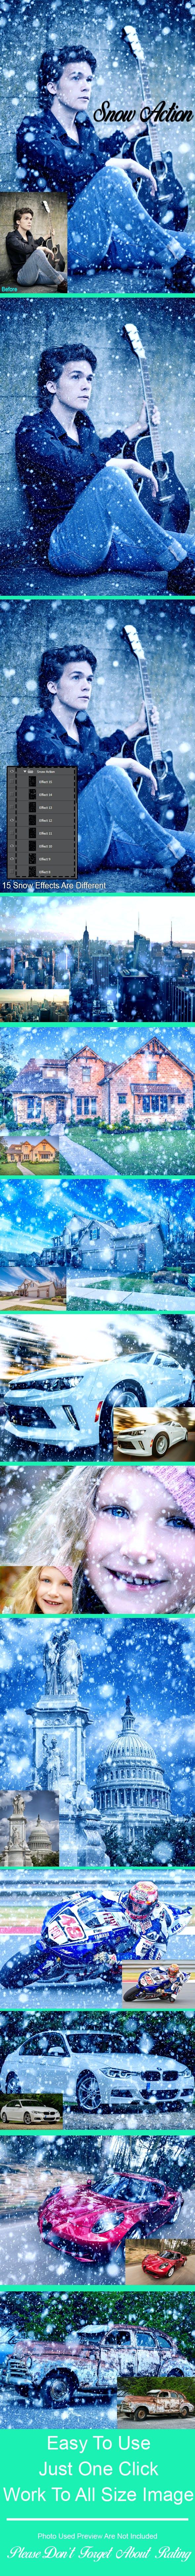 Скачать [Graphicriver] Amazing 15 Snow Photoshop Action Vol 1 (2018), Отзывы Складчик » Архив Складчин